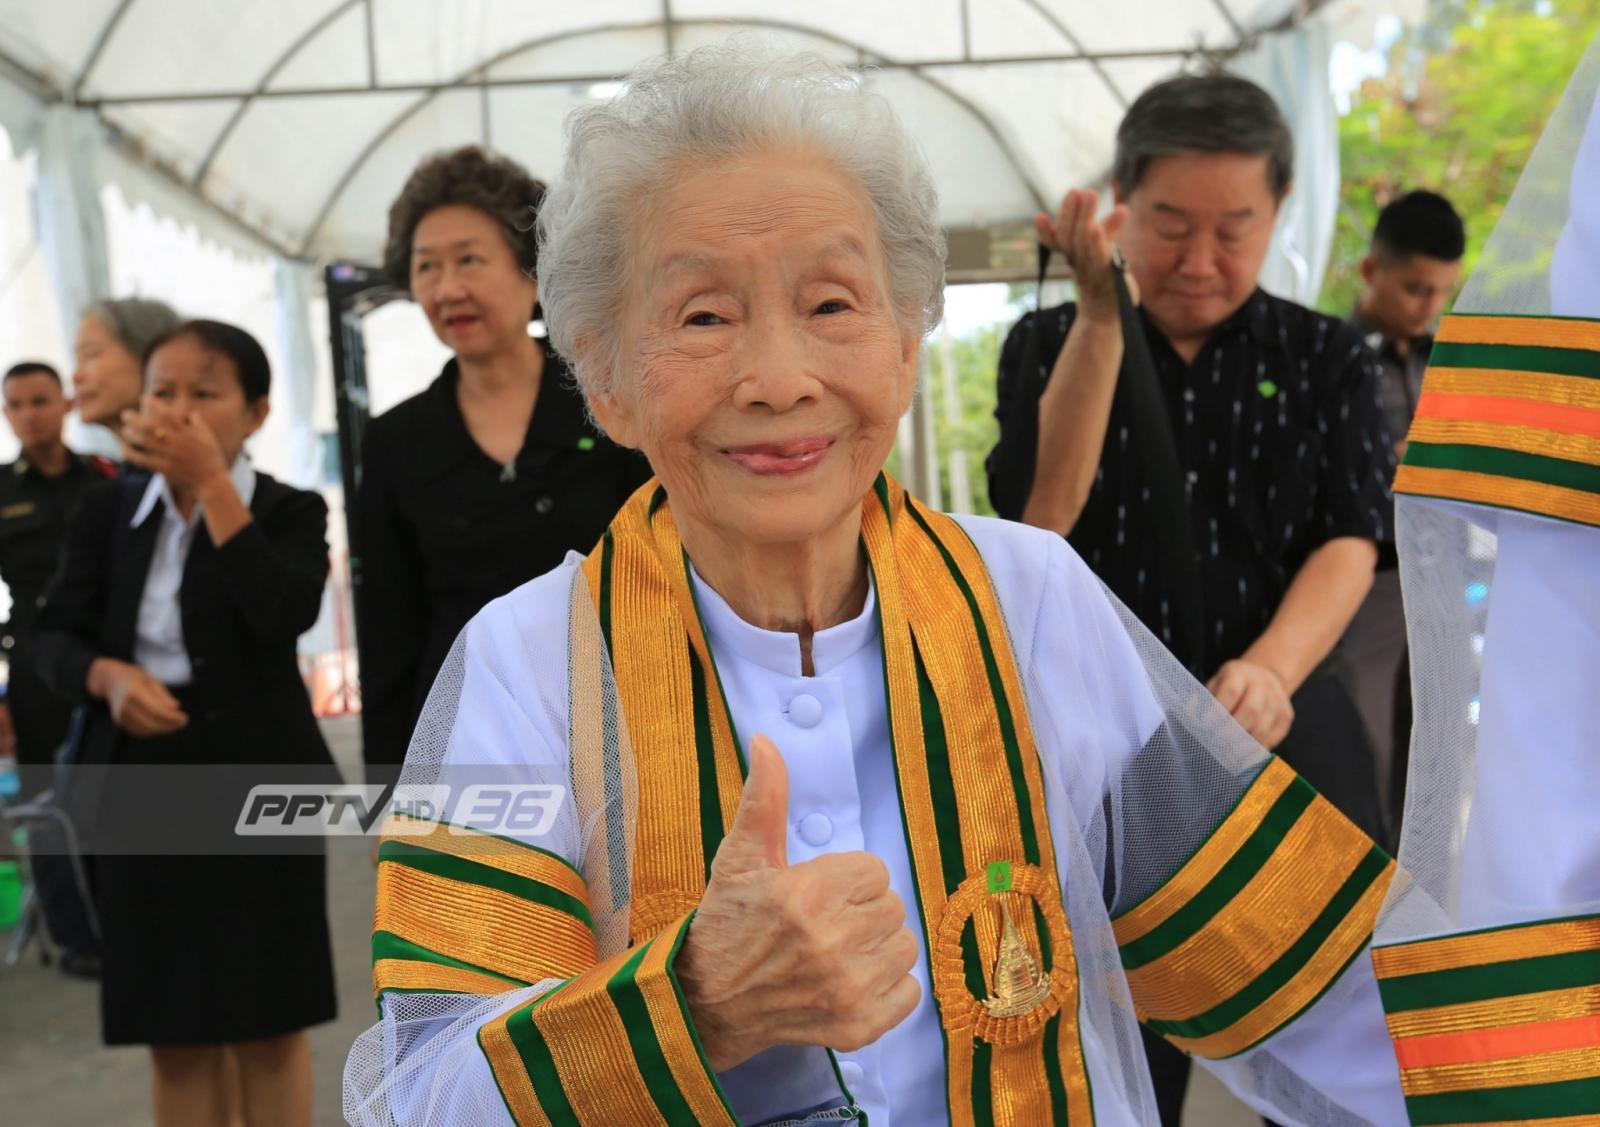 ไม่มีใครแก่เกินเรียน!! บัณฑิตวัย 91 ปี เข้ารับพระราชทานปริญญาบัตร มสธ.